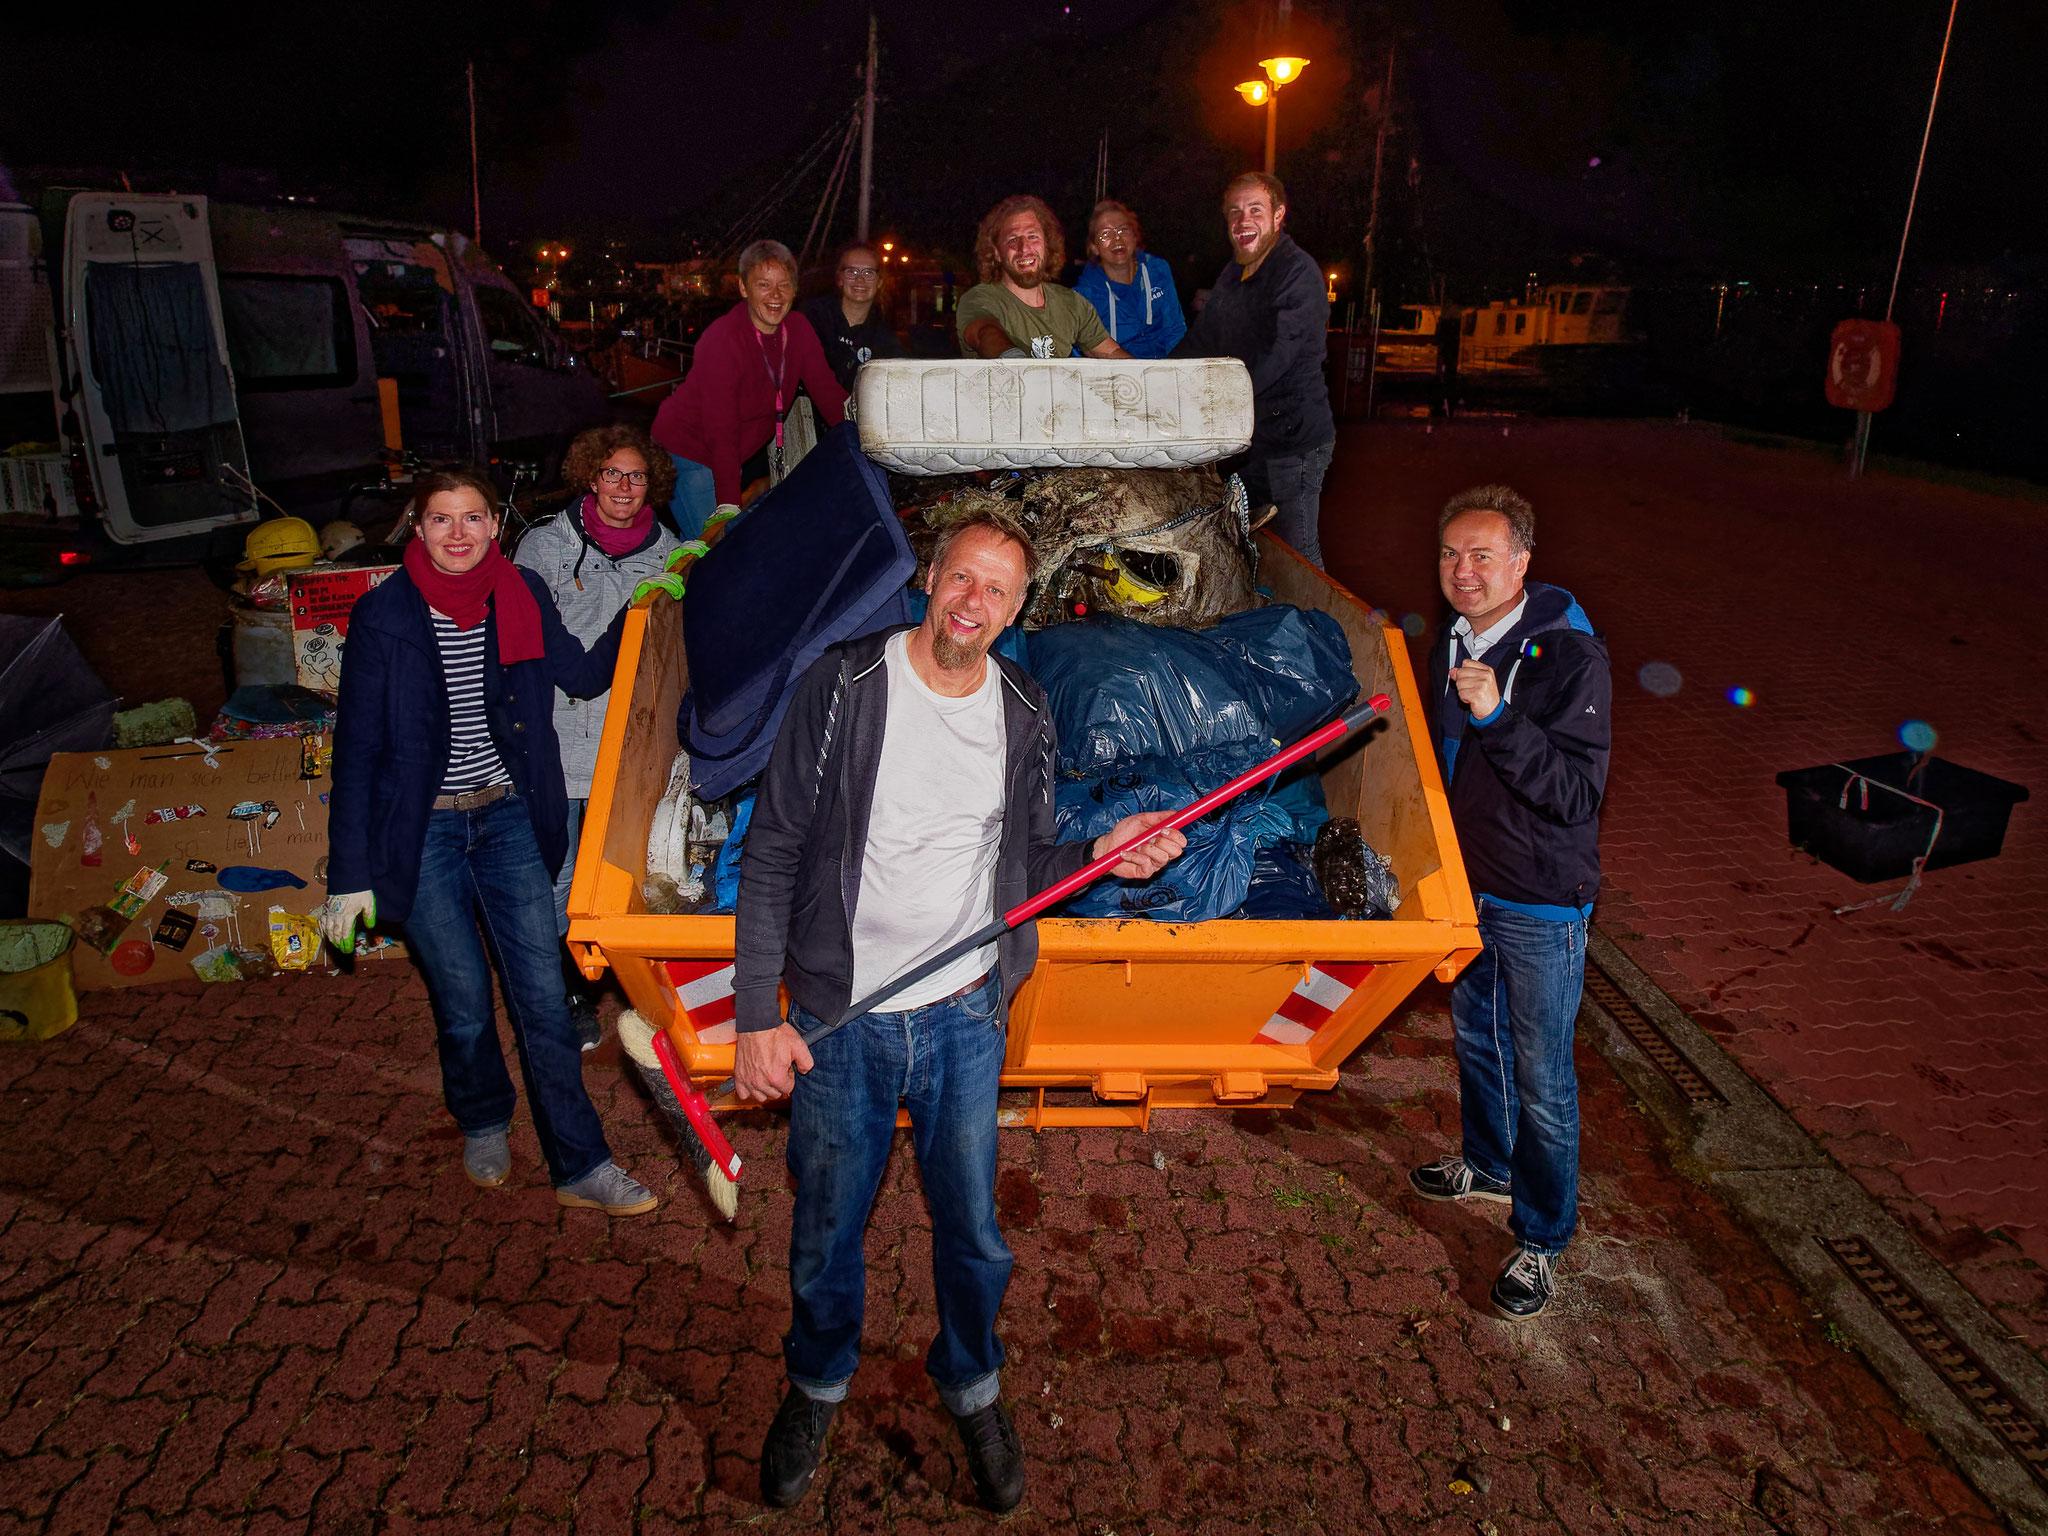 Gemeinsam mit dem Senator für Bauen und Umwelt, Holger Matthäus, wurden die insgesamt 2 700 kg Meeresmüll aller 12 Standorten des Küstenputz´ zusammengetragen und gewogen. Bildautor: Emiliano Leonardi